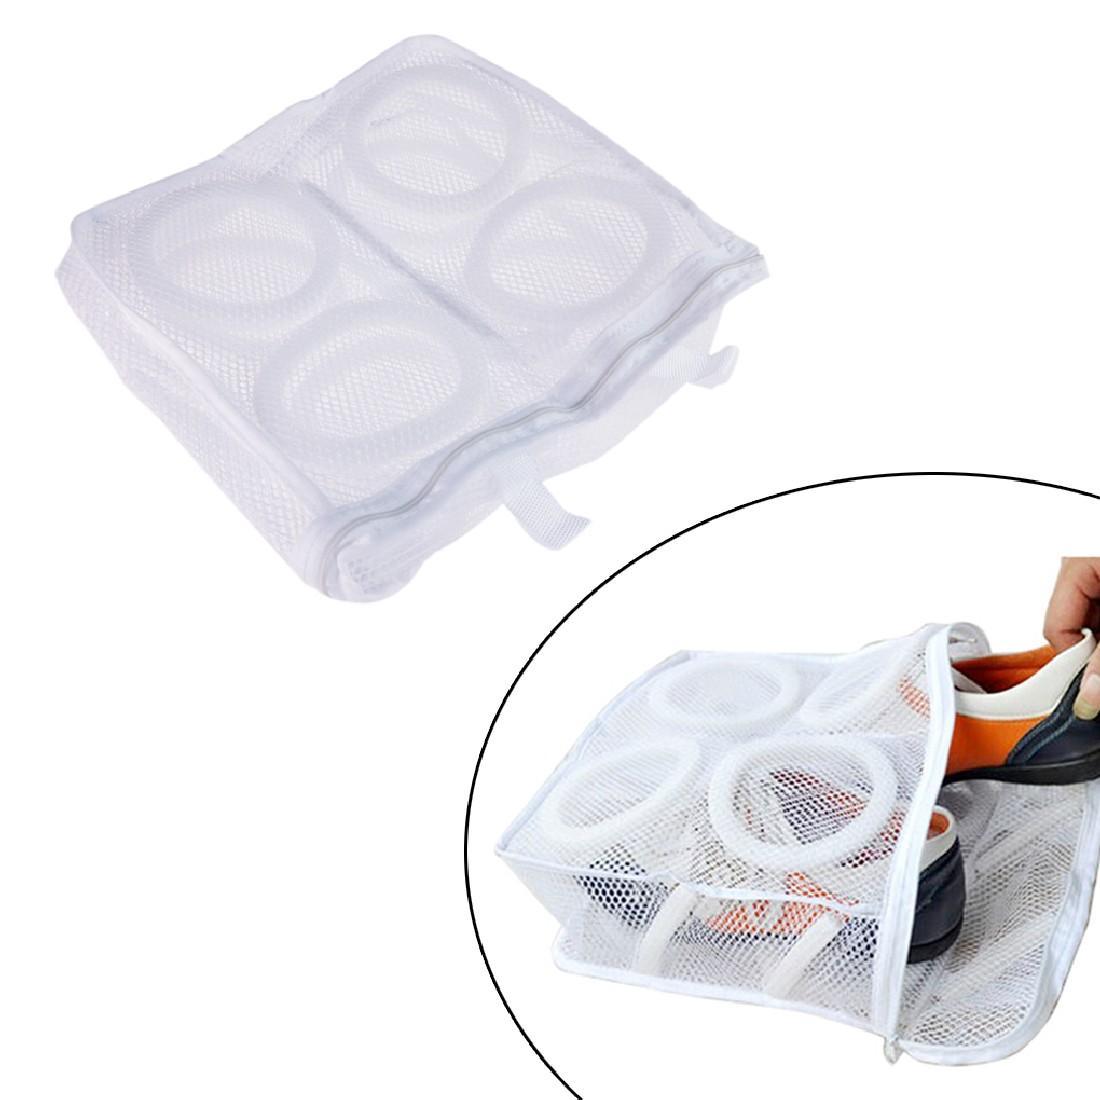 كيس الغسيل أحذية منظم حقيبة للأحذية مش الغسيل أحذية حقائب الجافة الحذاء الرئيسية المنظم المحمولة الغسيل أكياس الغسيل